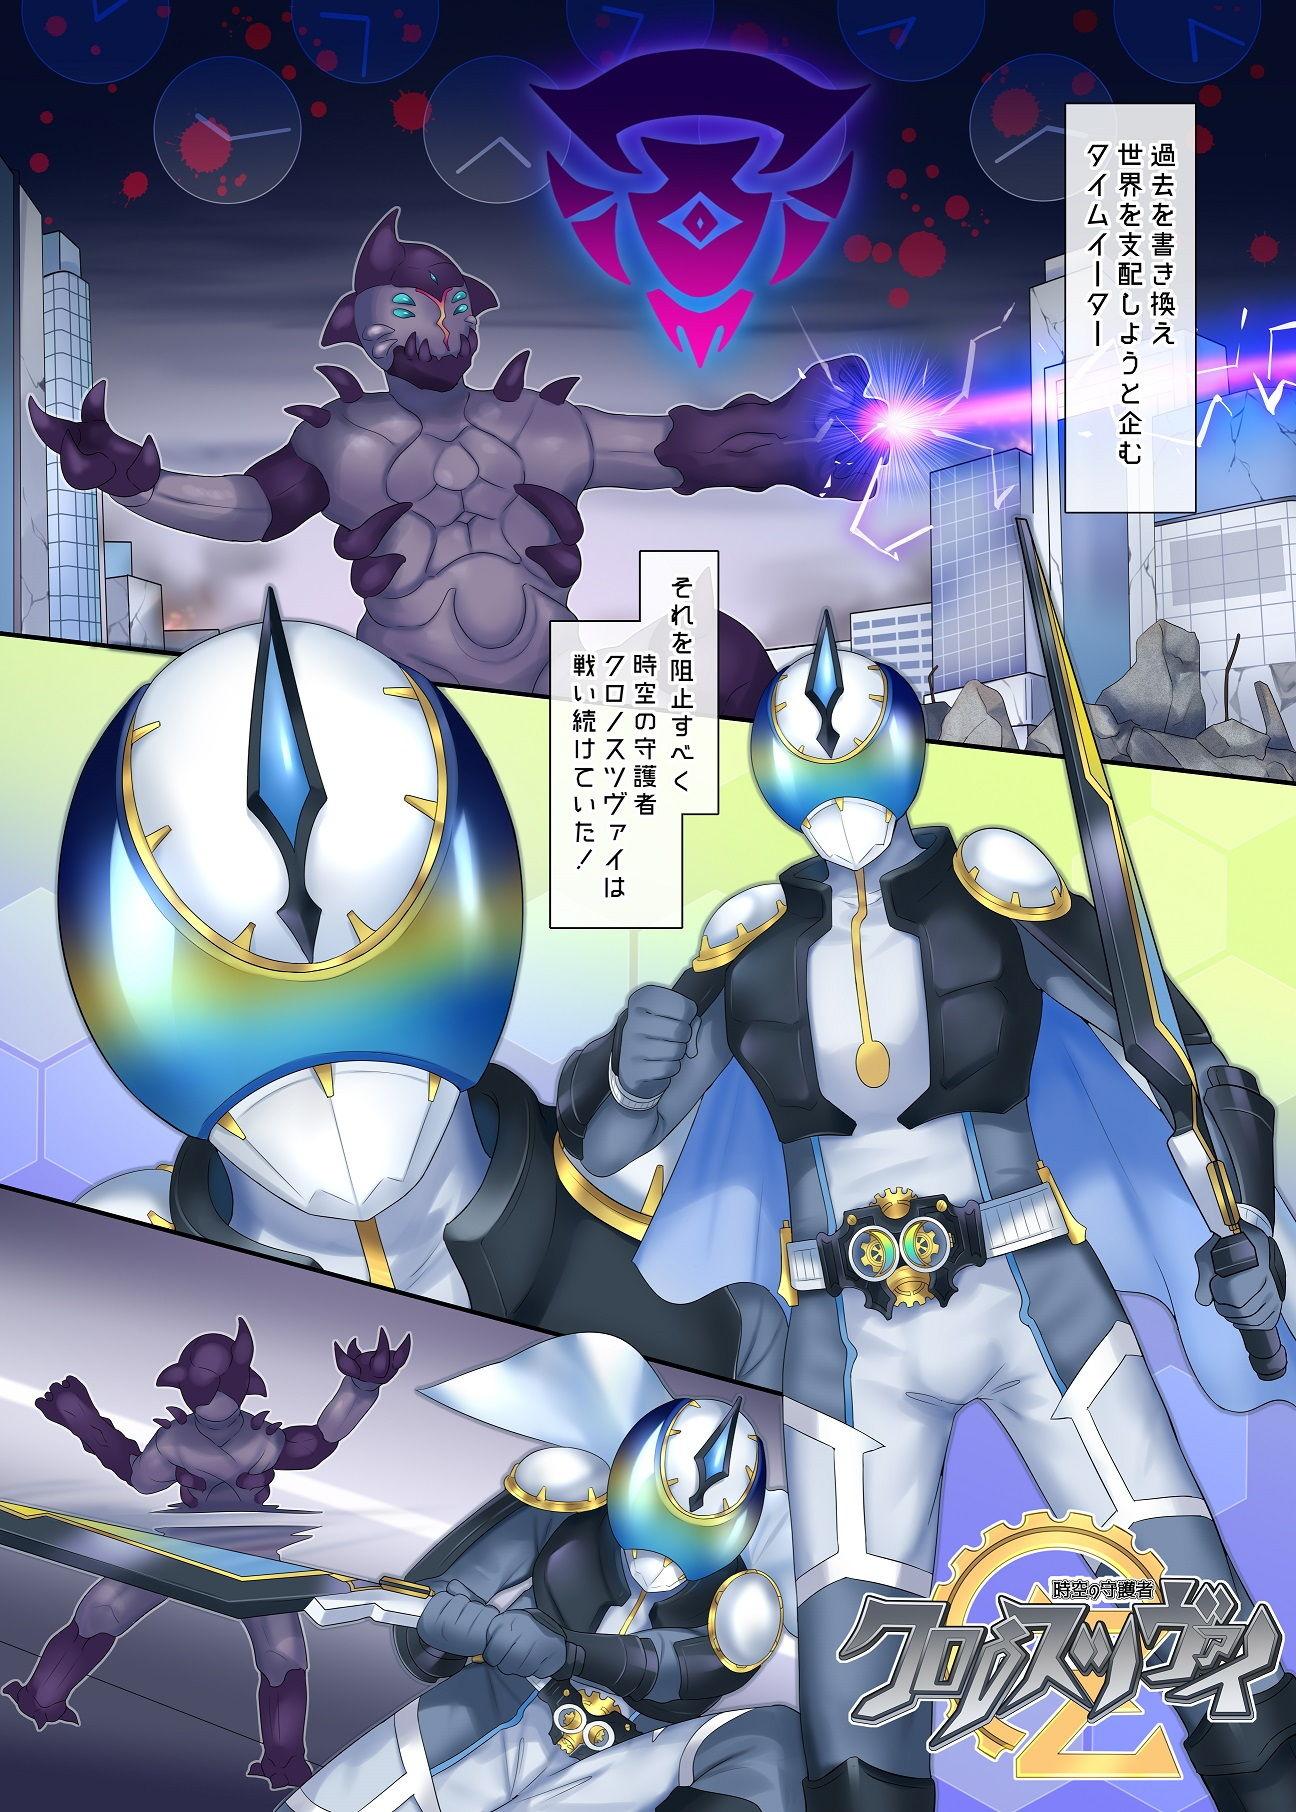 【エロ漫画】 ヒーローTS過去改変 ~アナタは雑魚戦闘員の娘だったよね~[同人・エロコミック]#1